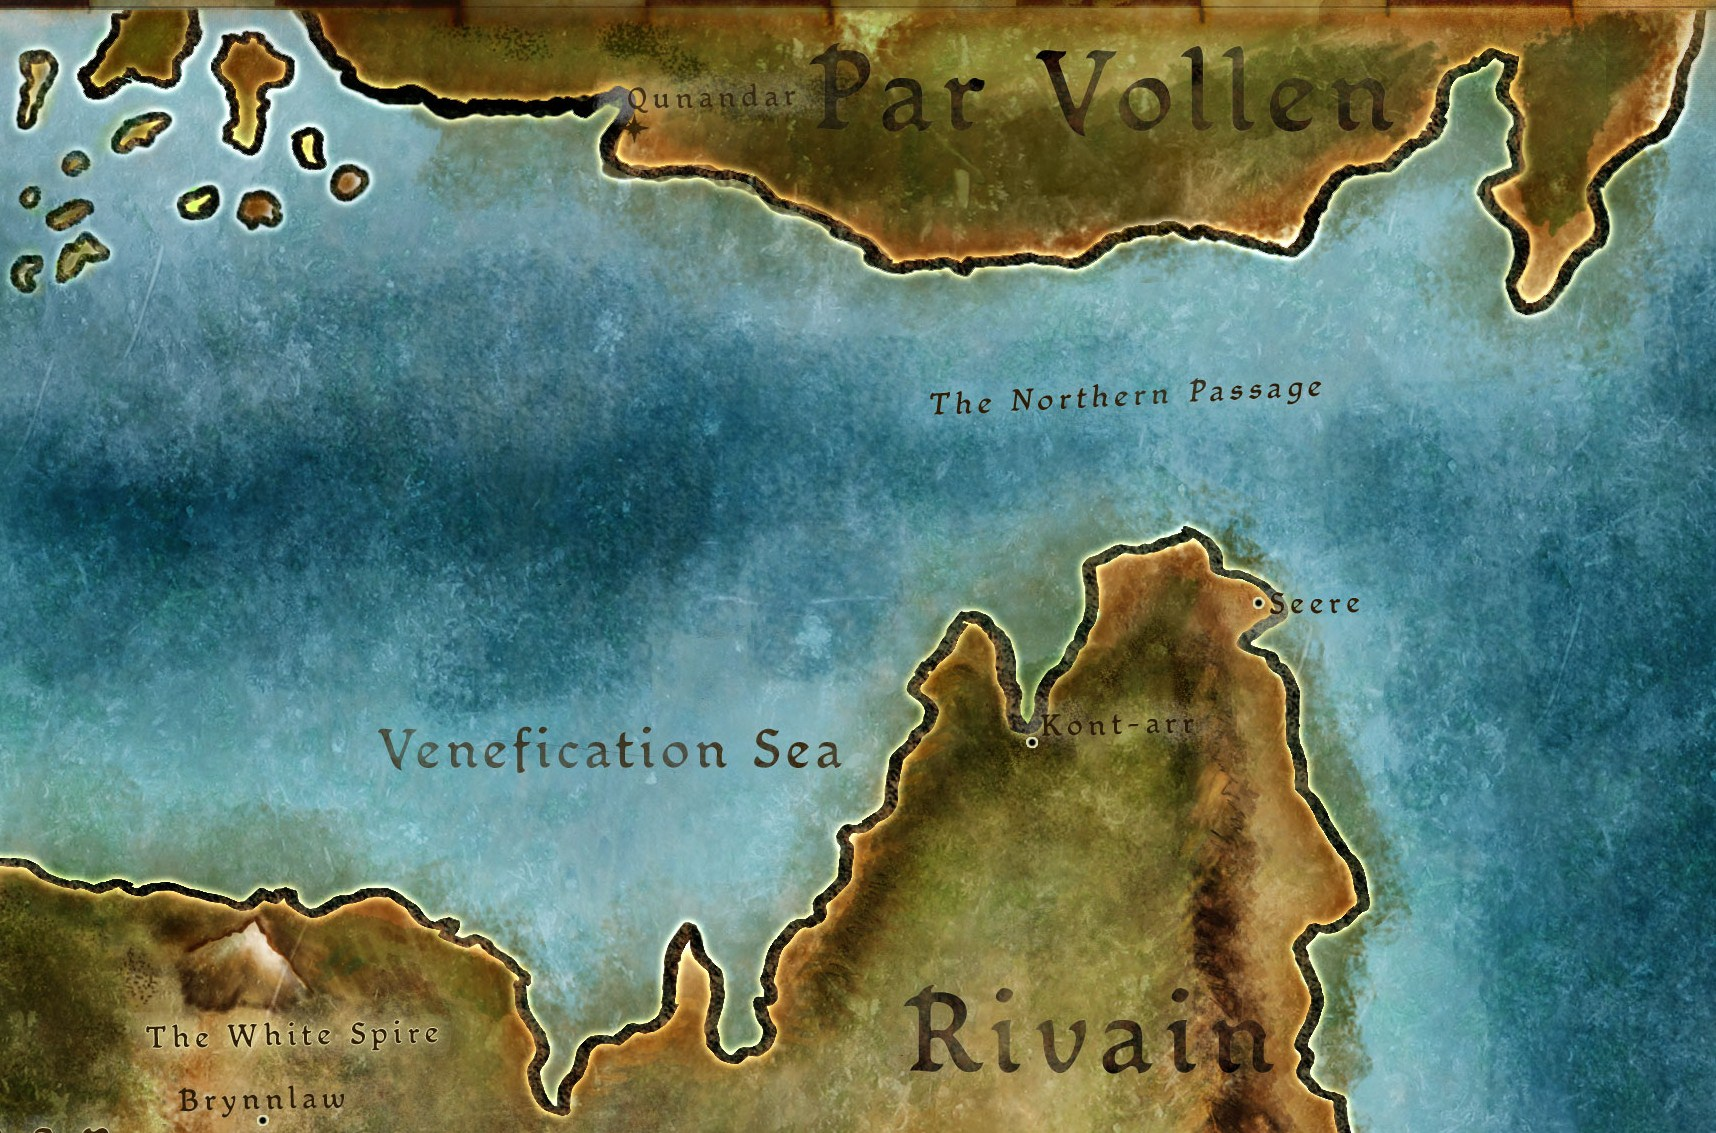 Codex entry: Par Vollen: The Occupied North